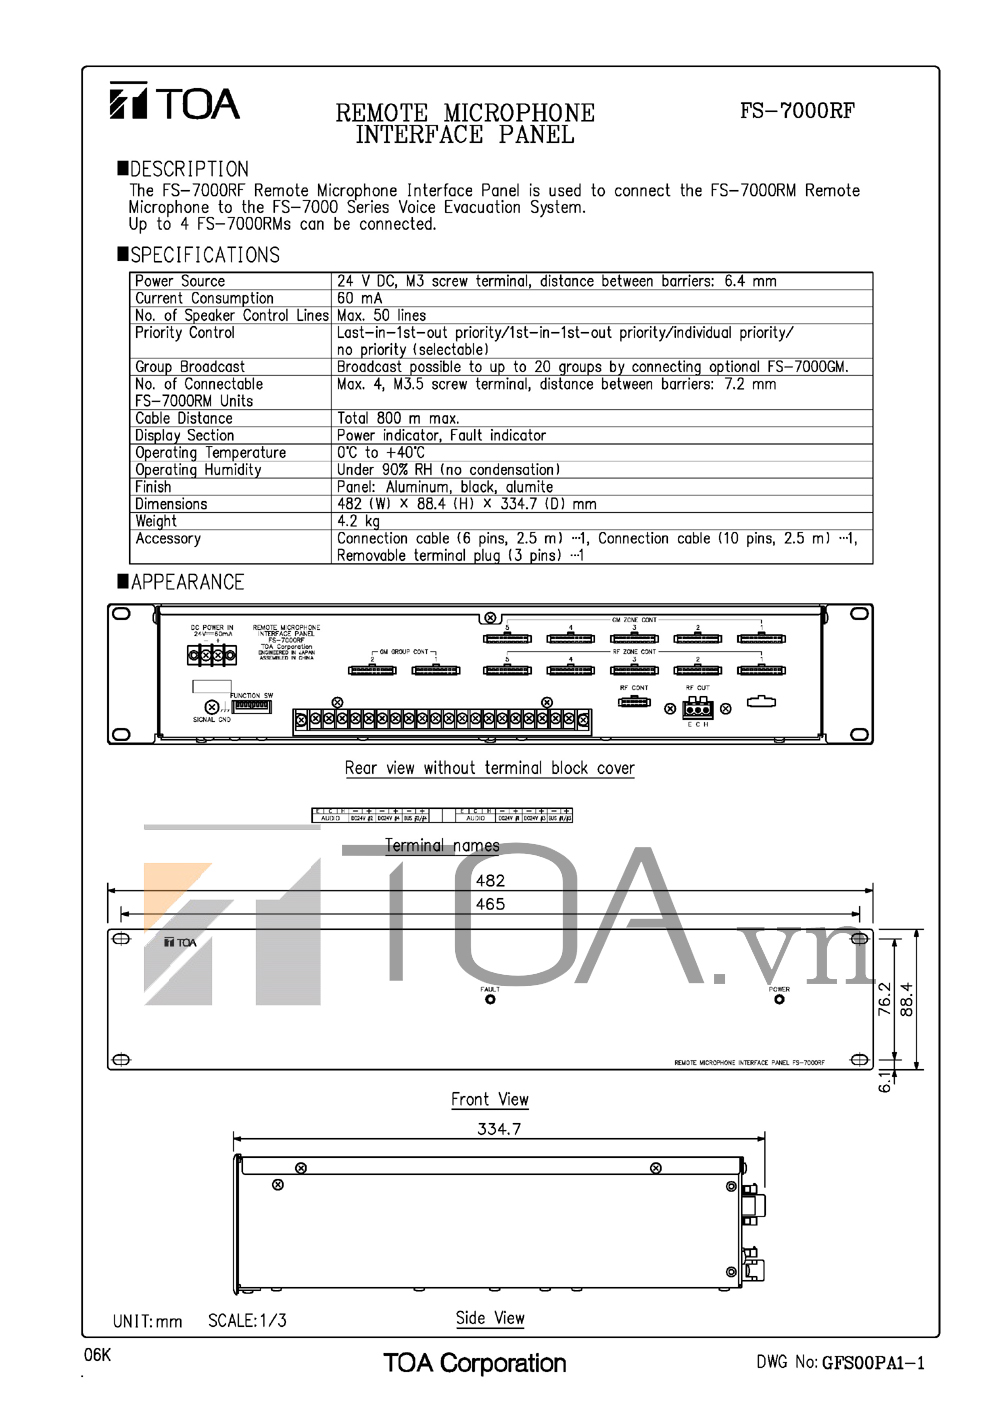 BẢNG ĐIỀU CHỈNH GIAO DIỆN CHO MICRO TOA FS-7000RF, TOA FS-7000RF